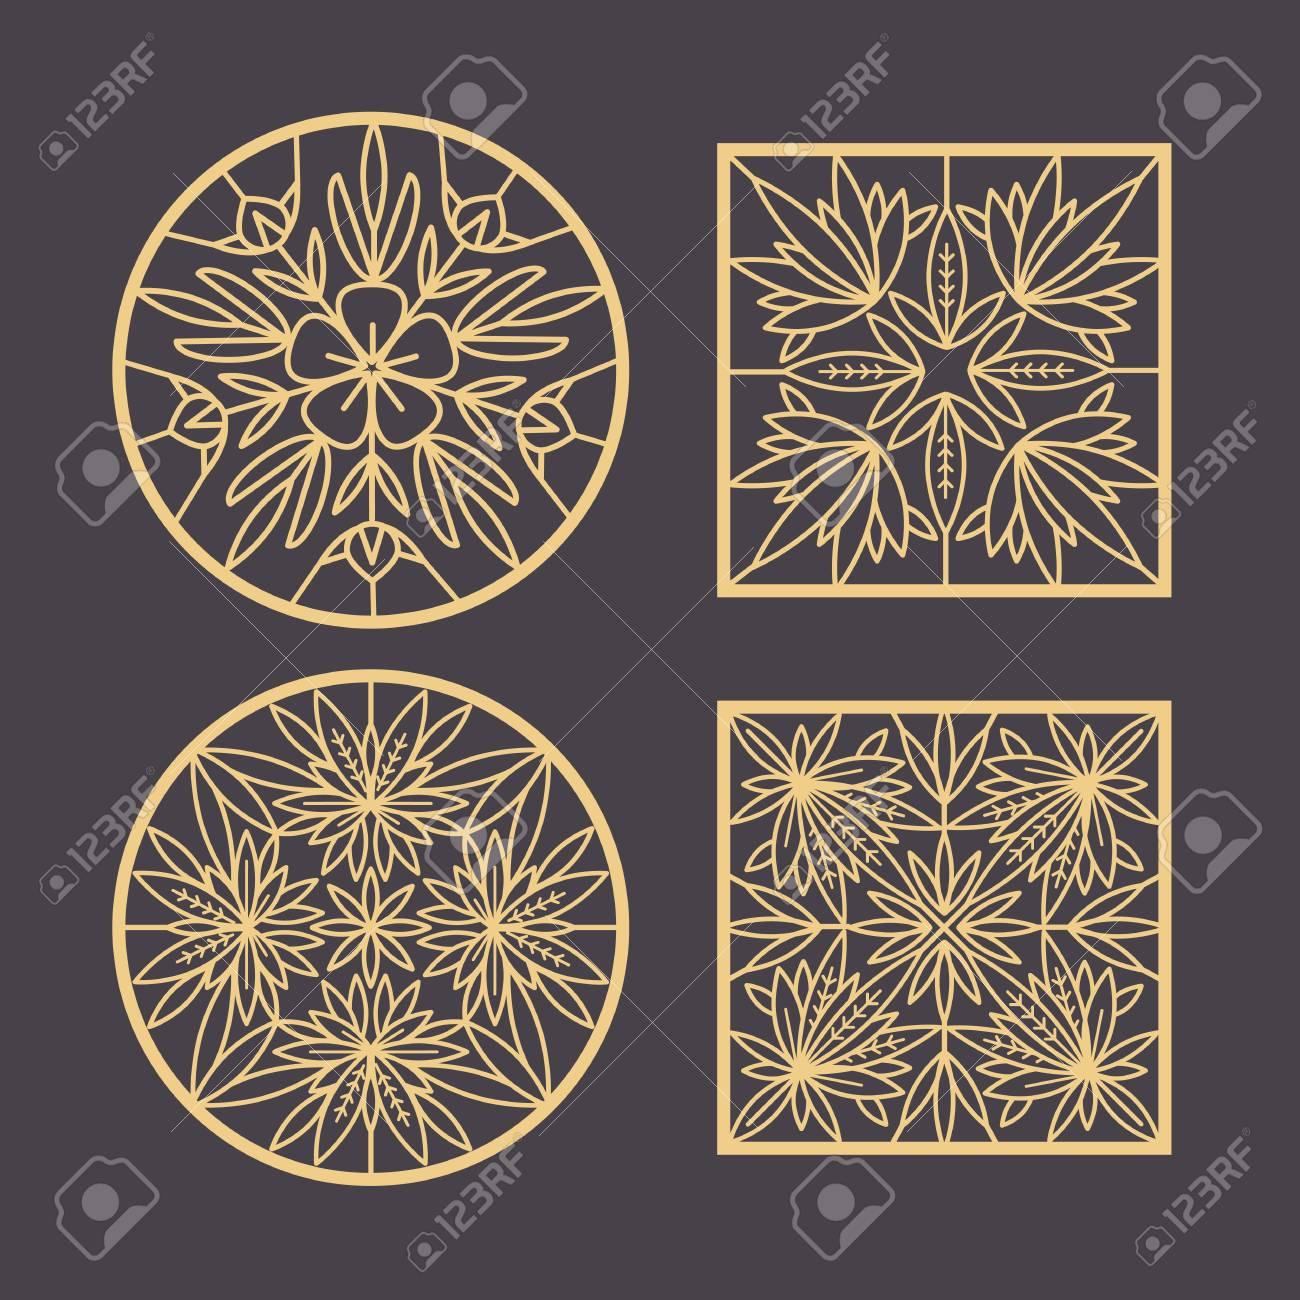 vorlage fr das erstellen symbol symbol - Konzept Erstellen Muster